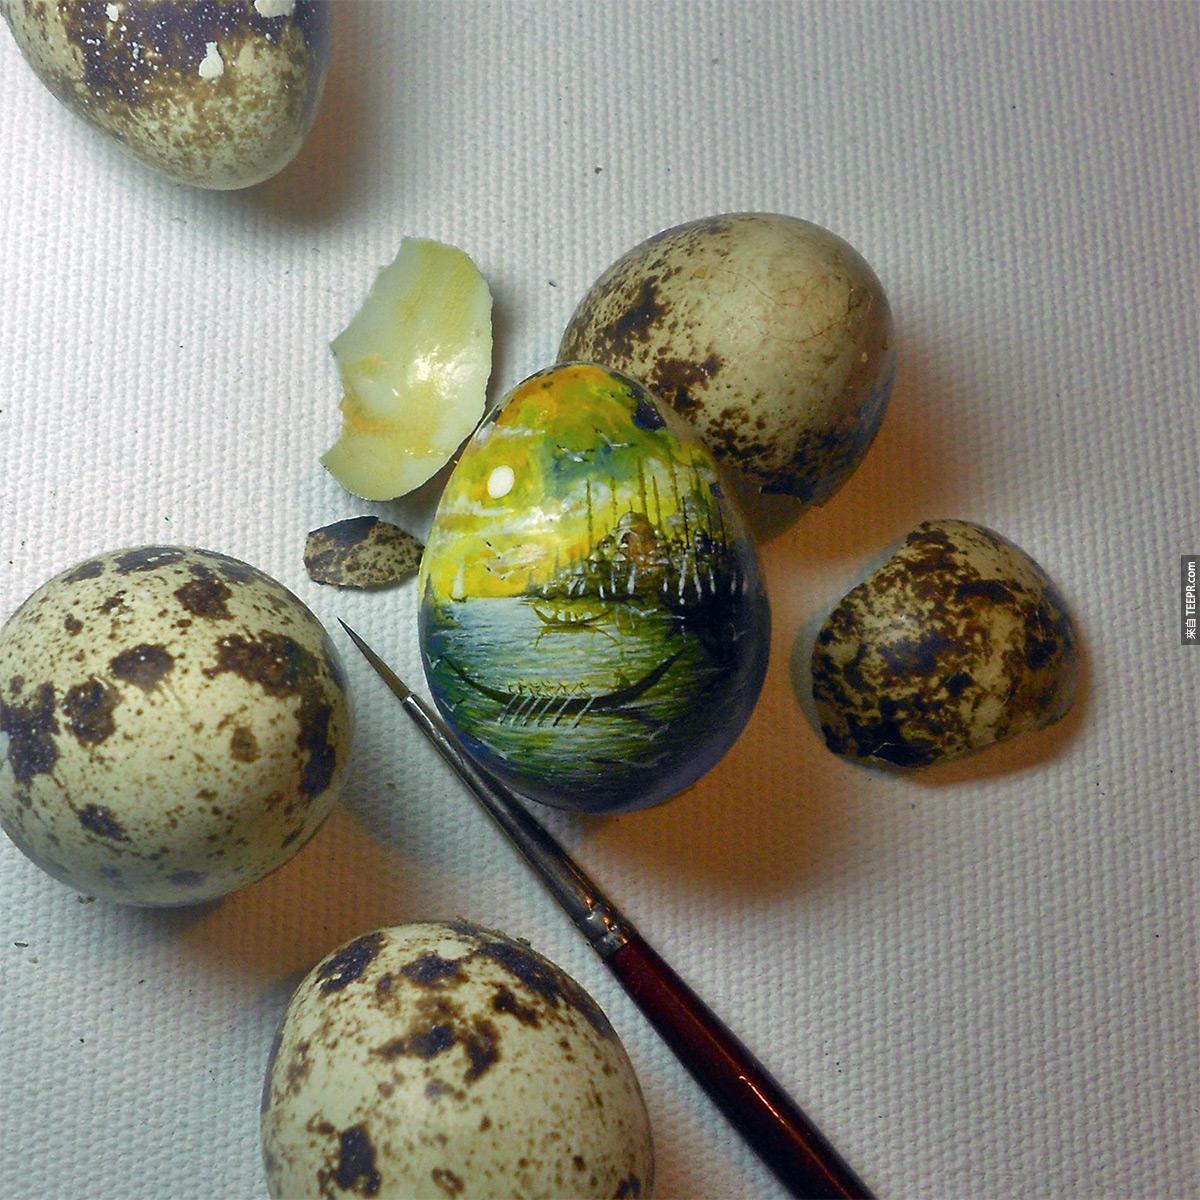 6.) Egg